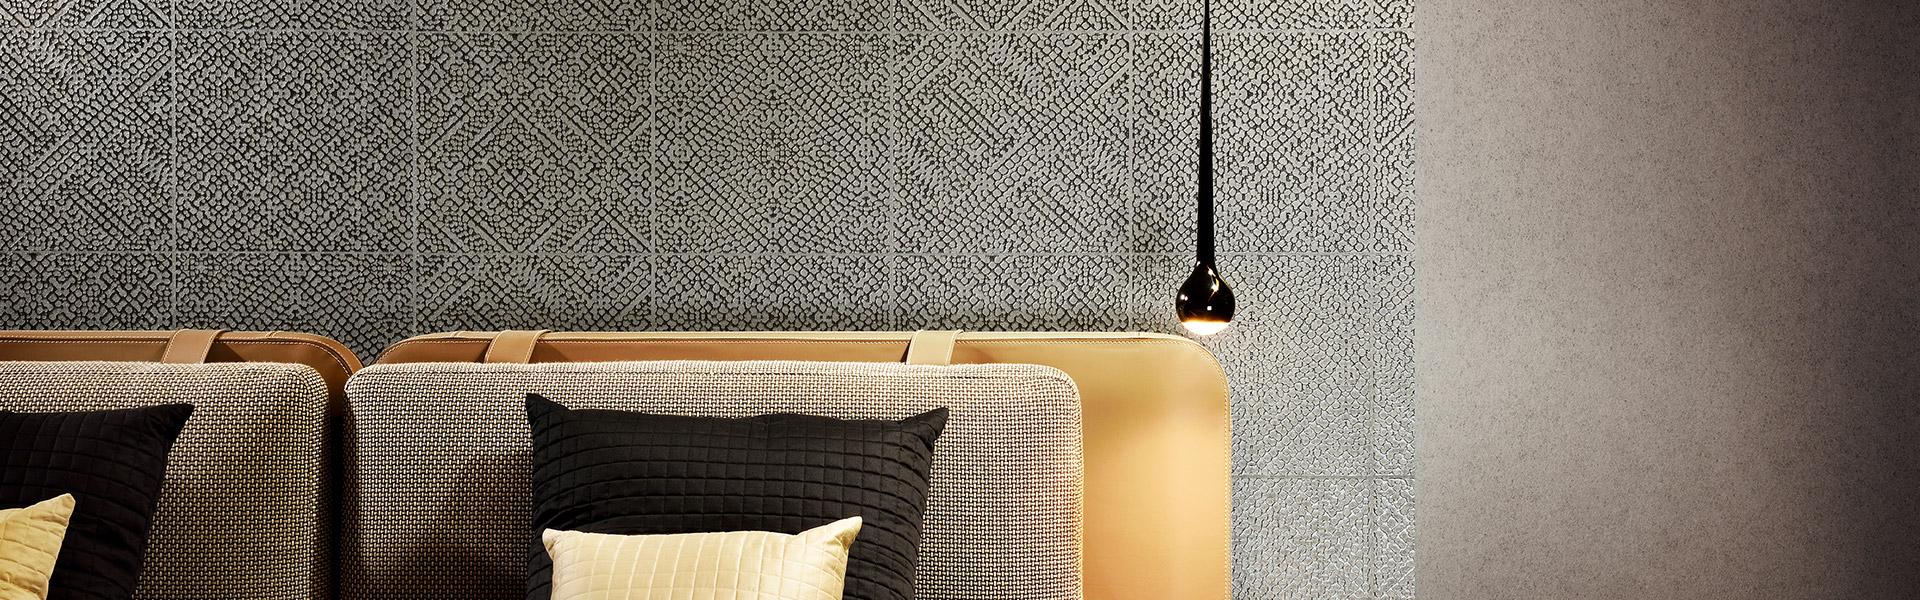 wandgestaltung berlin tapeten wandbilder farben. Black Bedroom Furniture Sets. Home Design Ideas